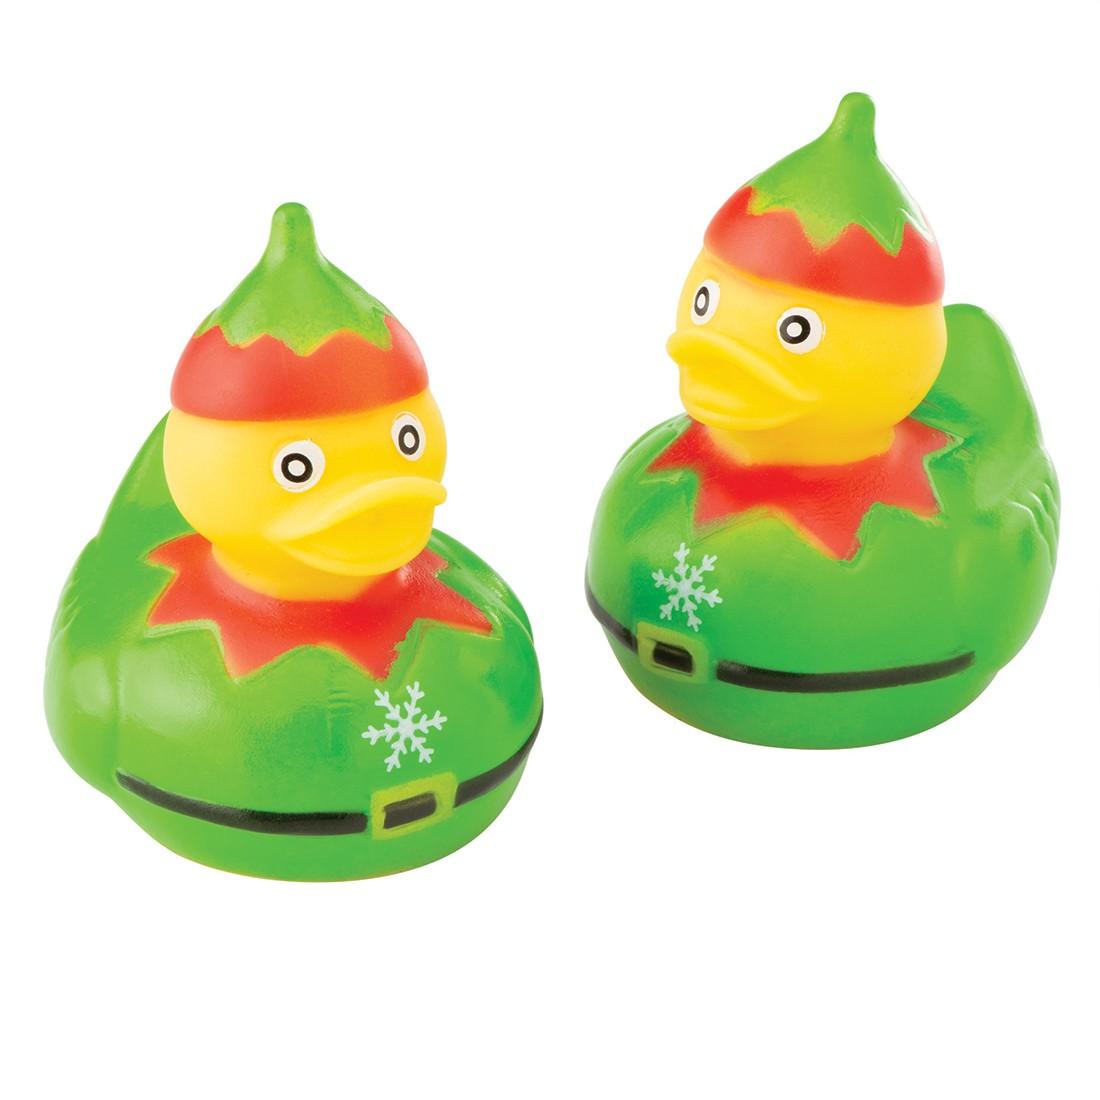 Christmas Elves Rubber Ducks [image]